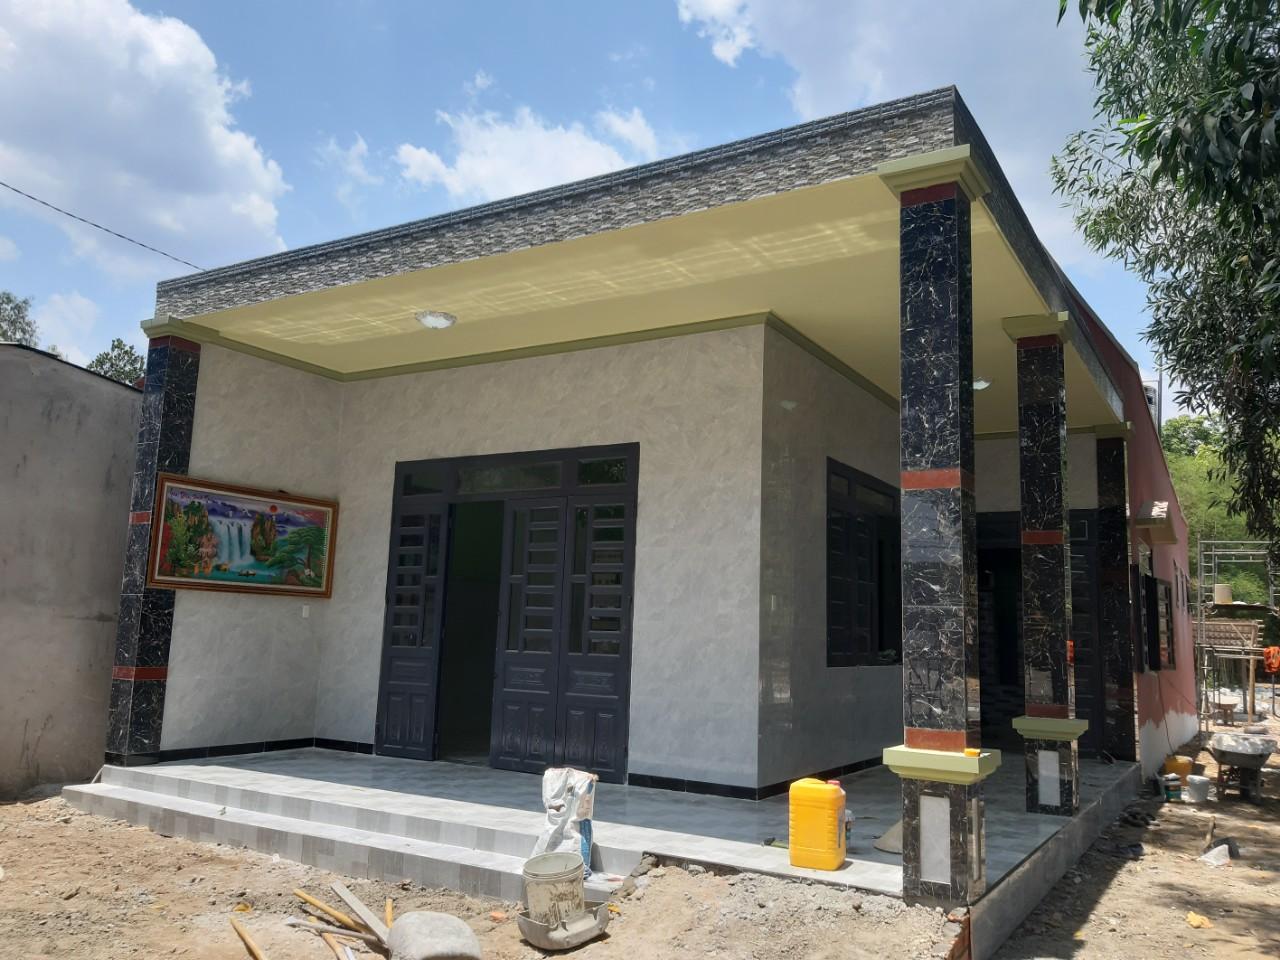 Nhà thầu xây dựng tại Tư Nghĩa